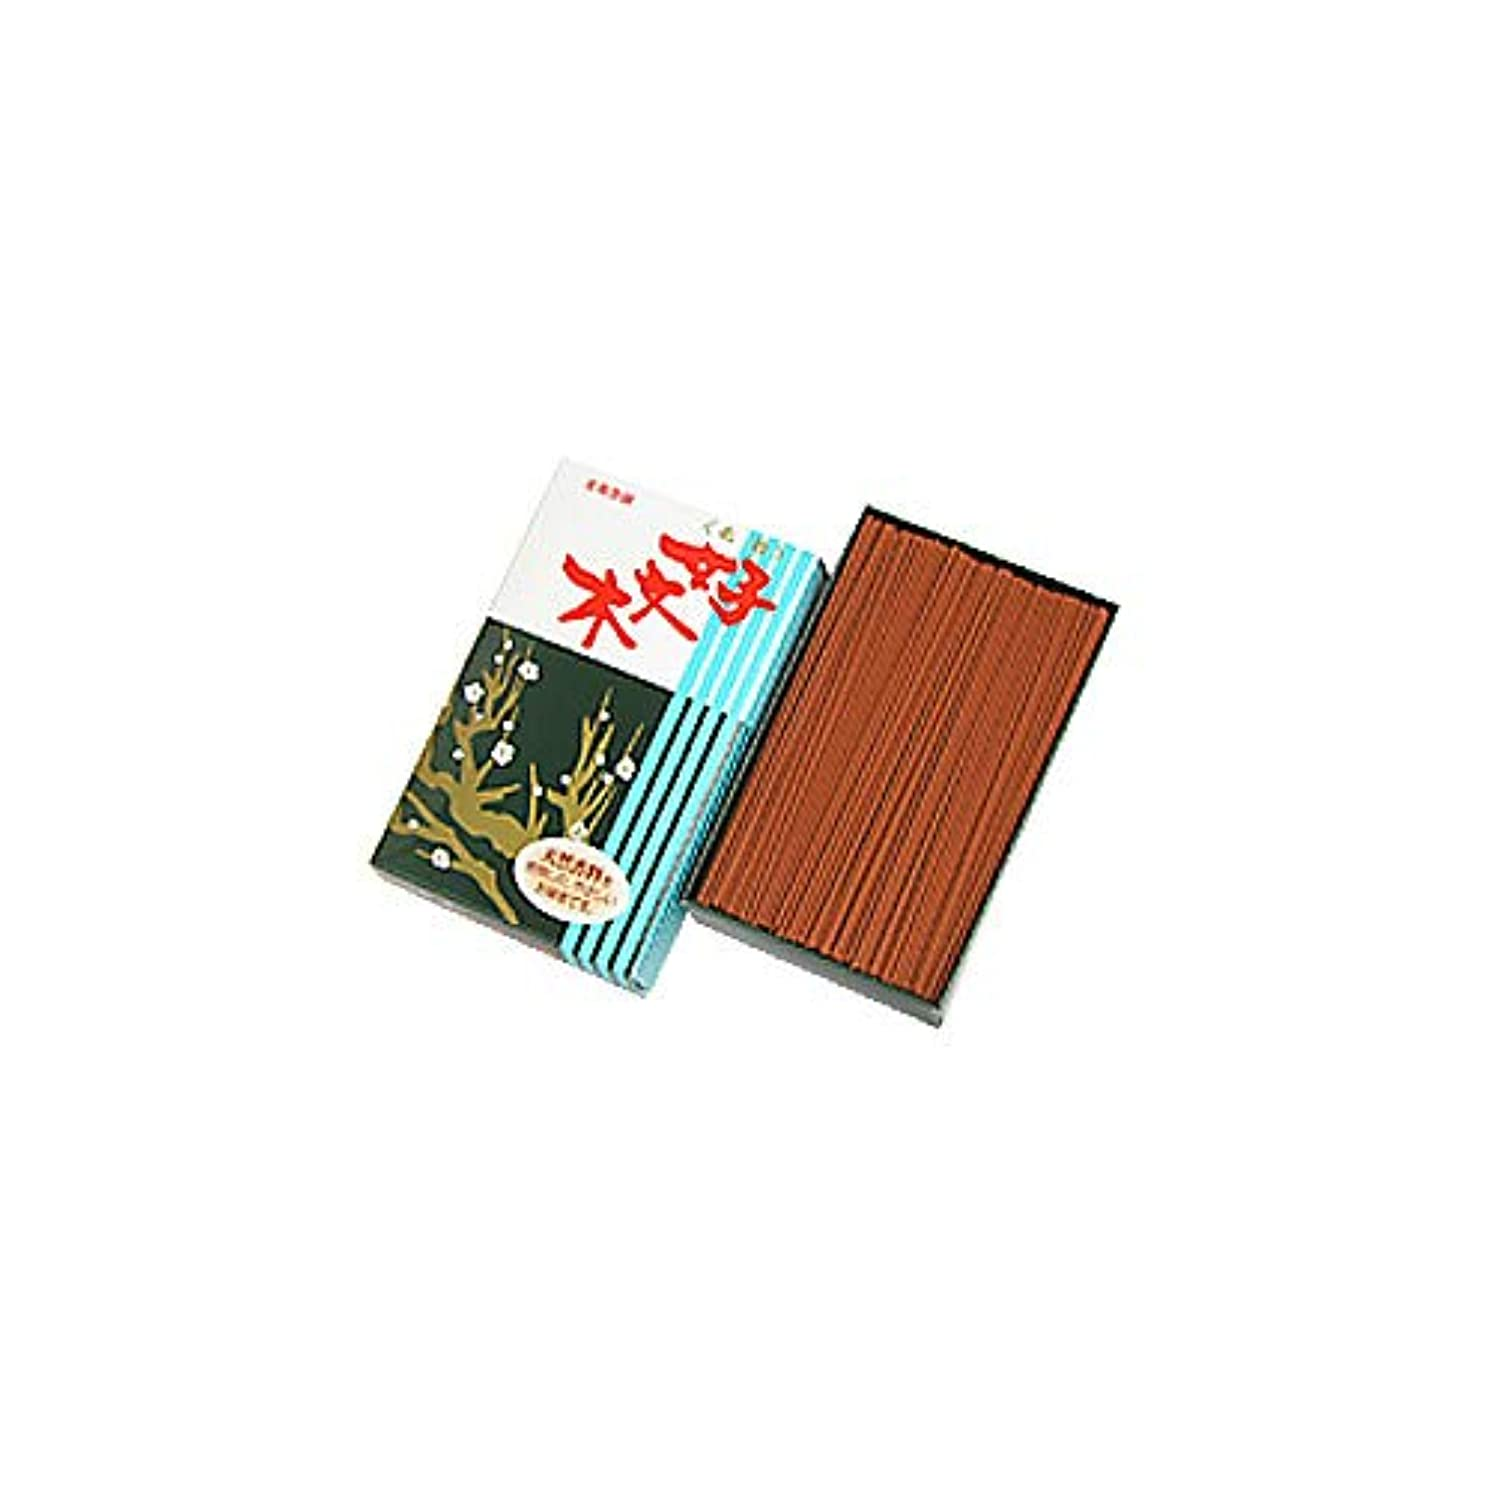 法廷ぼかす量で家庭用線香 好文木 お徳用大型バラ詰(箱寸法15×9.5×4cm)◆さわやかな白檀の香りのお線香(梅栄堂)